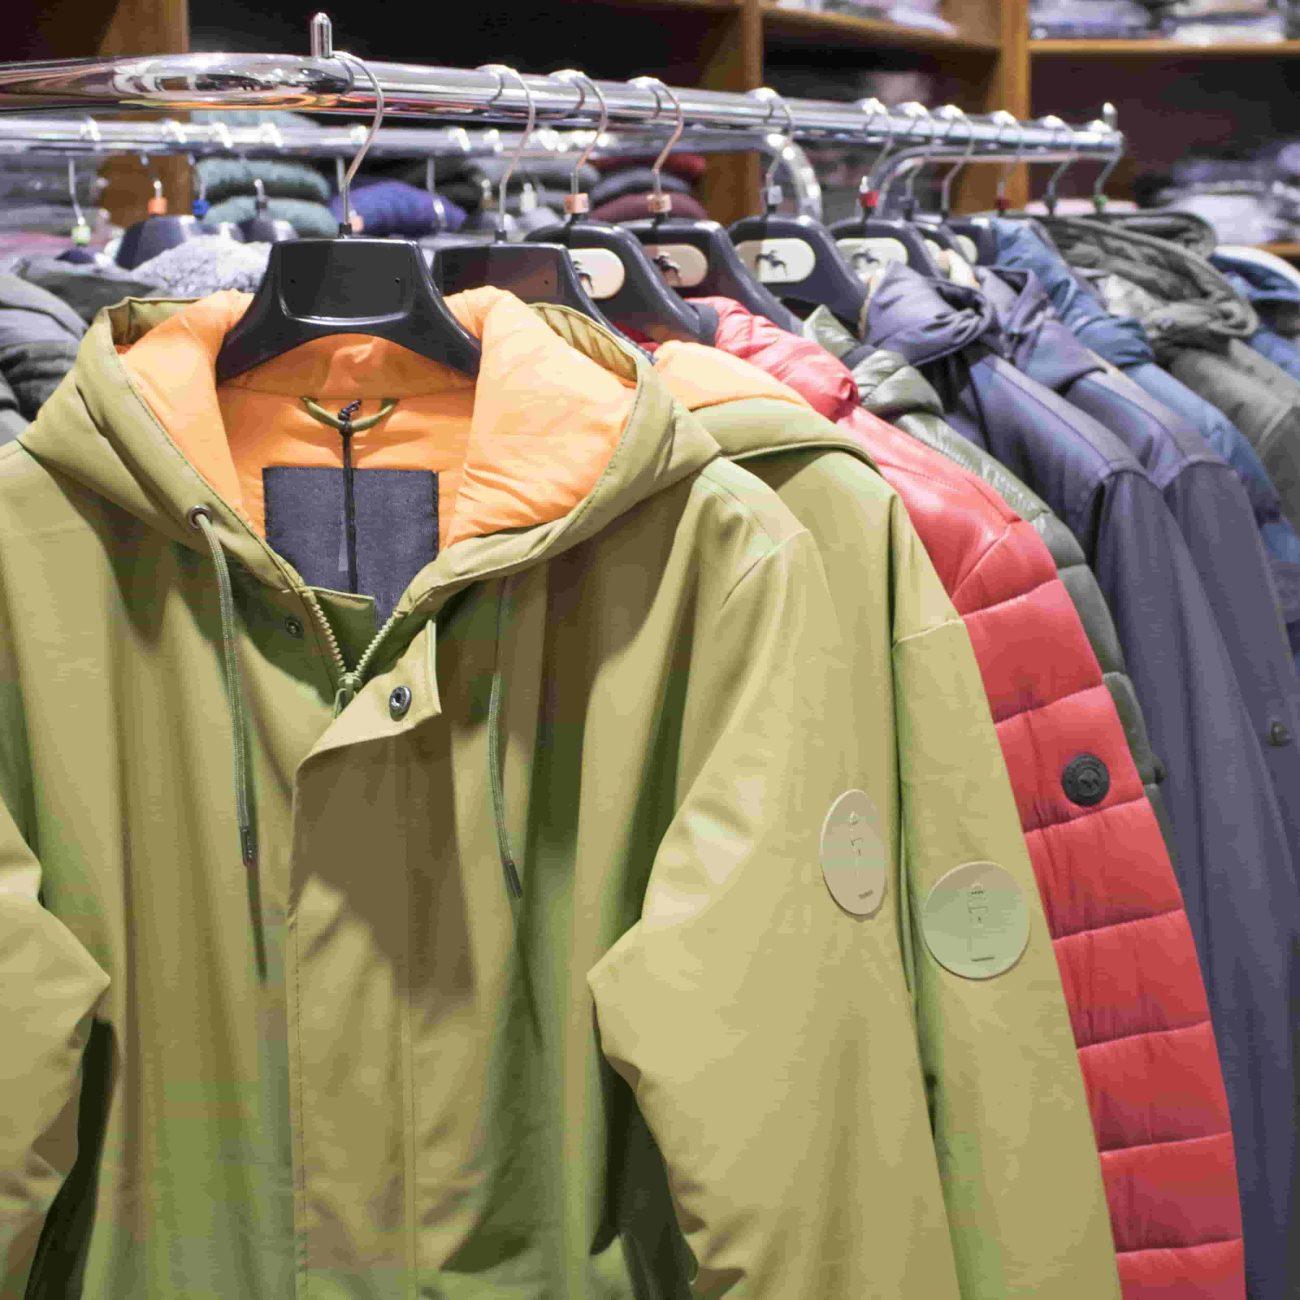 Tienda de ropa para hombres y mujeres en Deusto